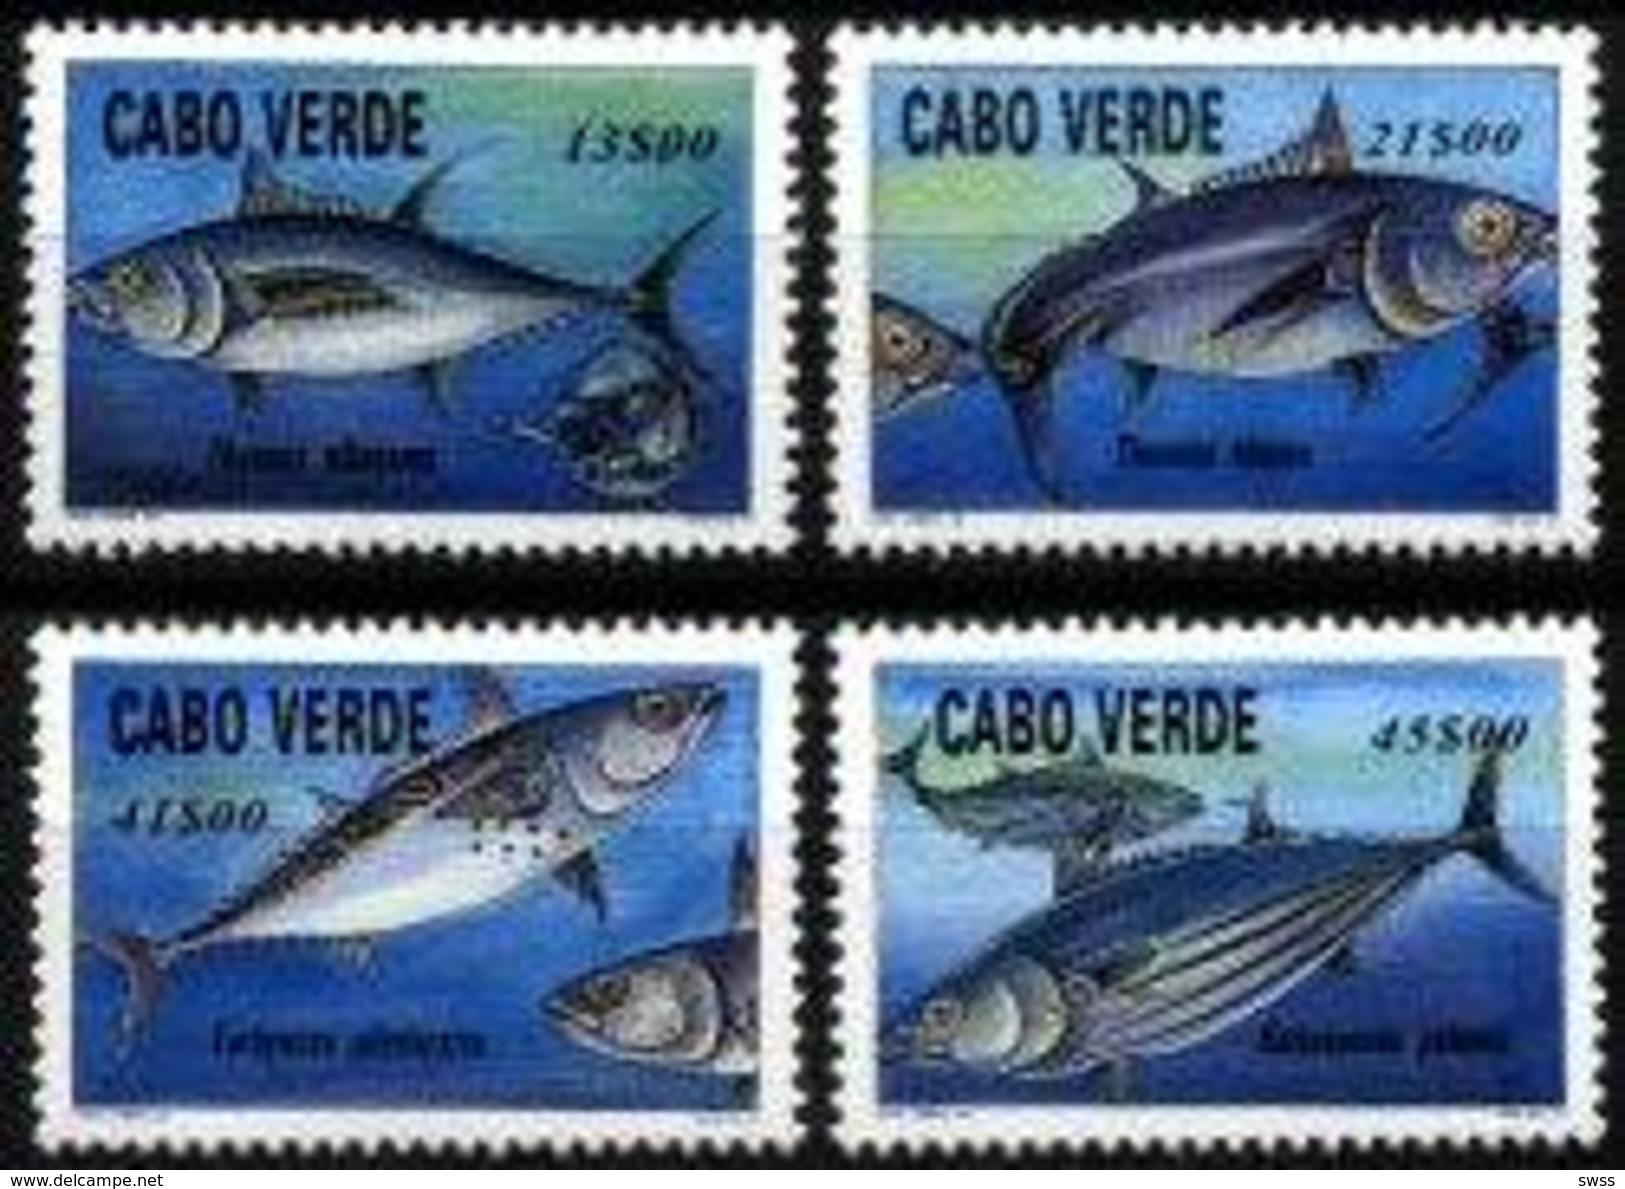 CAPE VERDE, 1997, MARINE FAUNA, TUNA FISH, R#377-80, MNH - Cape Verde